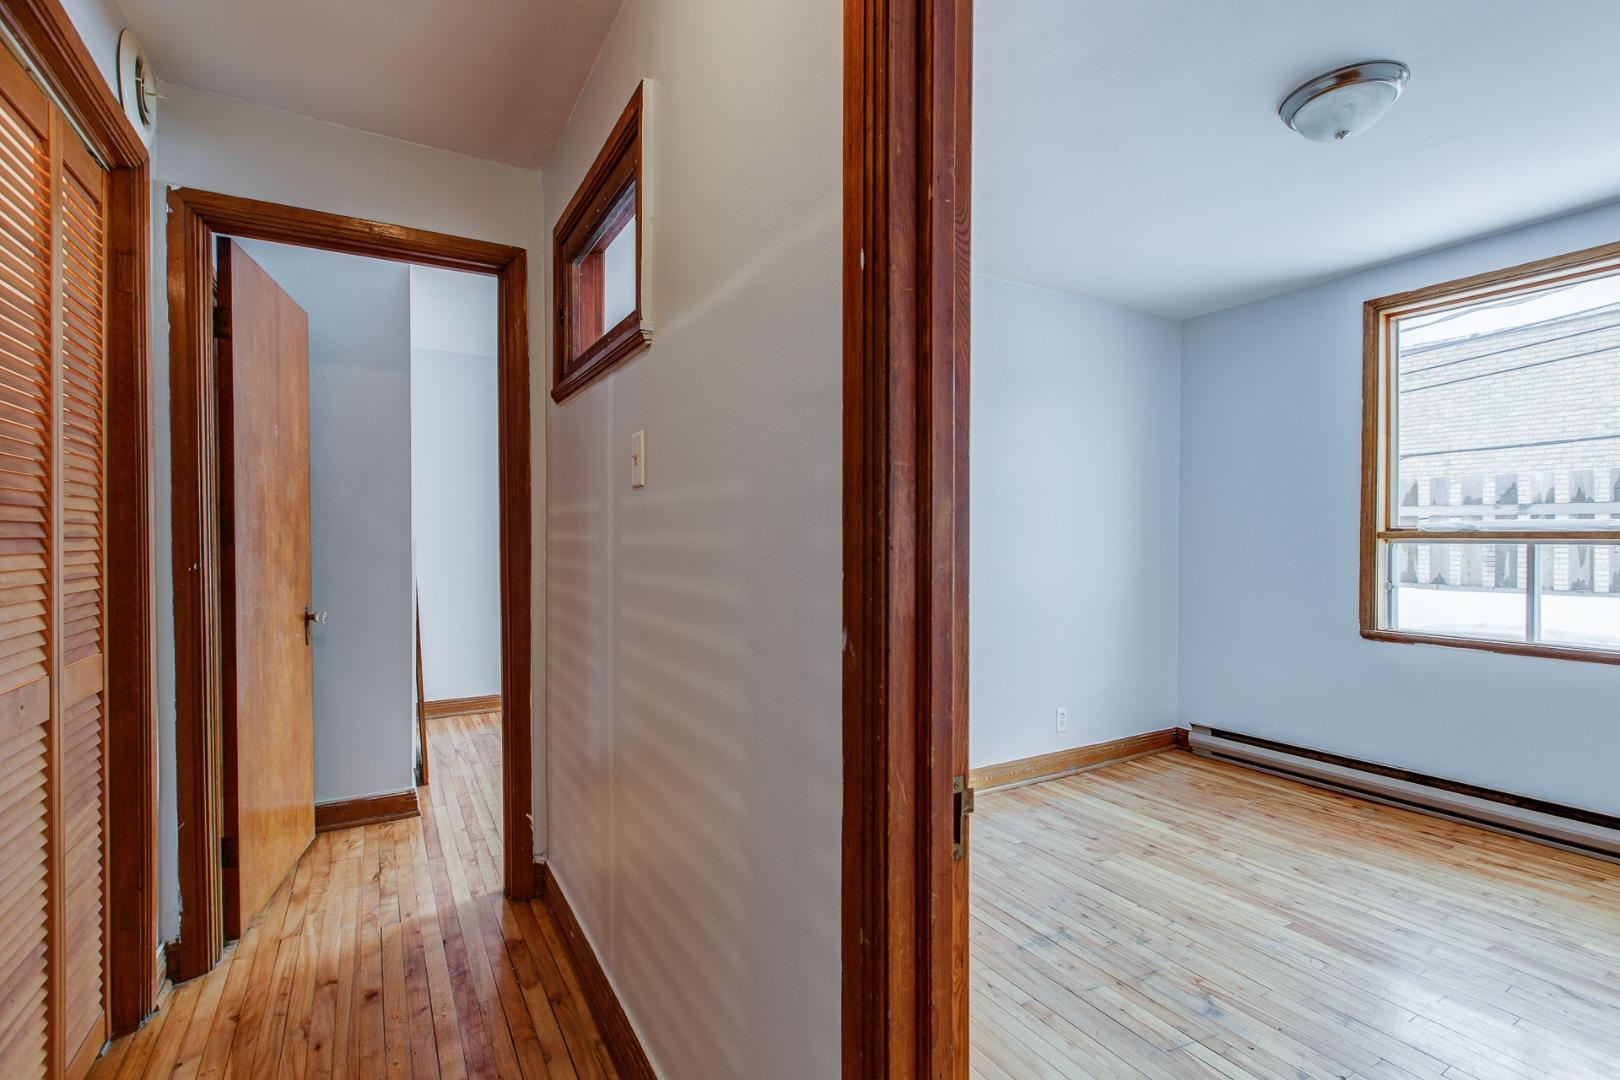 Duplex à vendre Montréal Mercier-Hochelaga-Maisonneuve - Corridor 2e niveau